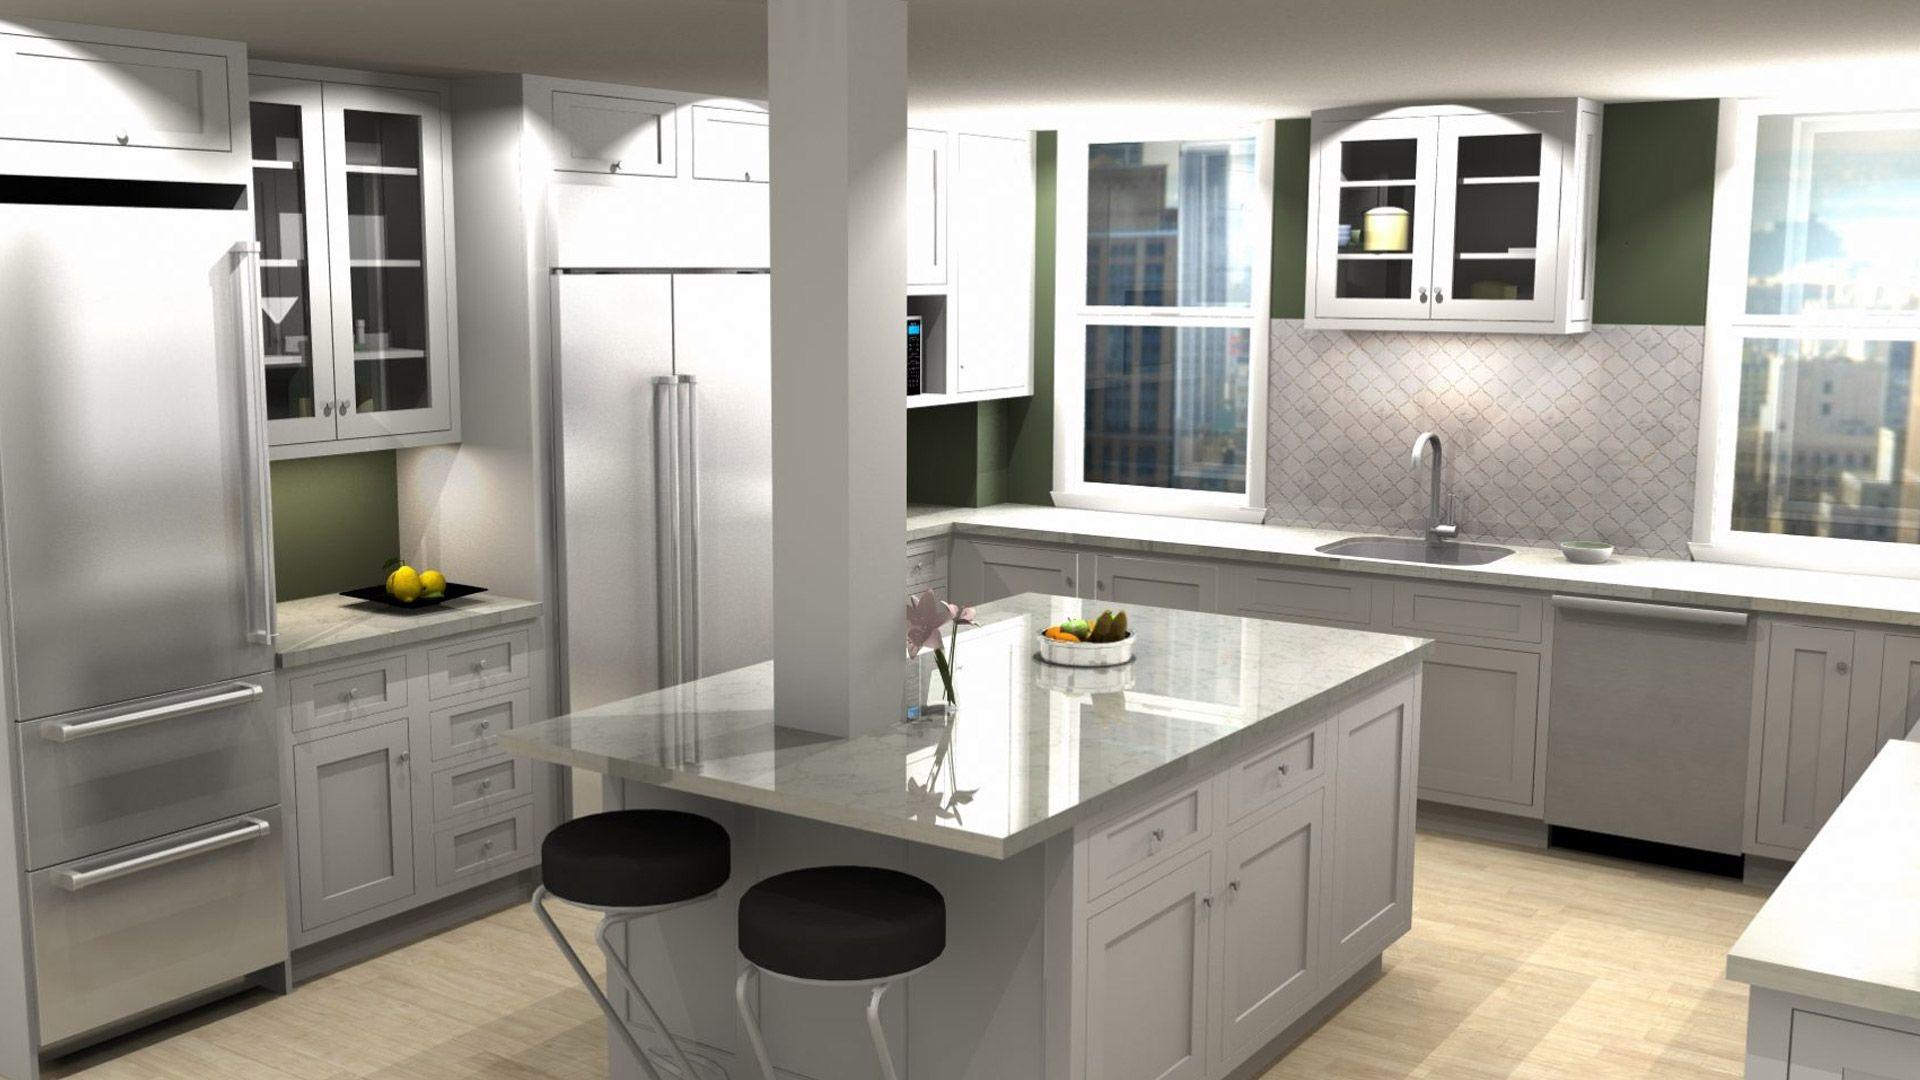 2020 Kitchen Design Requirements